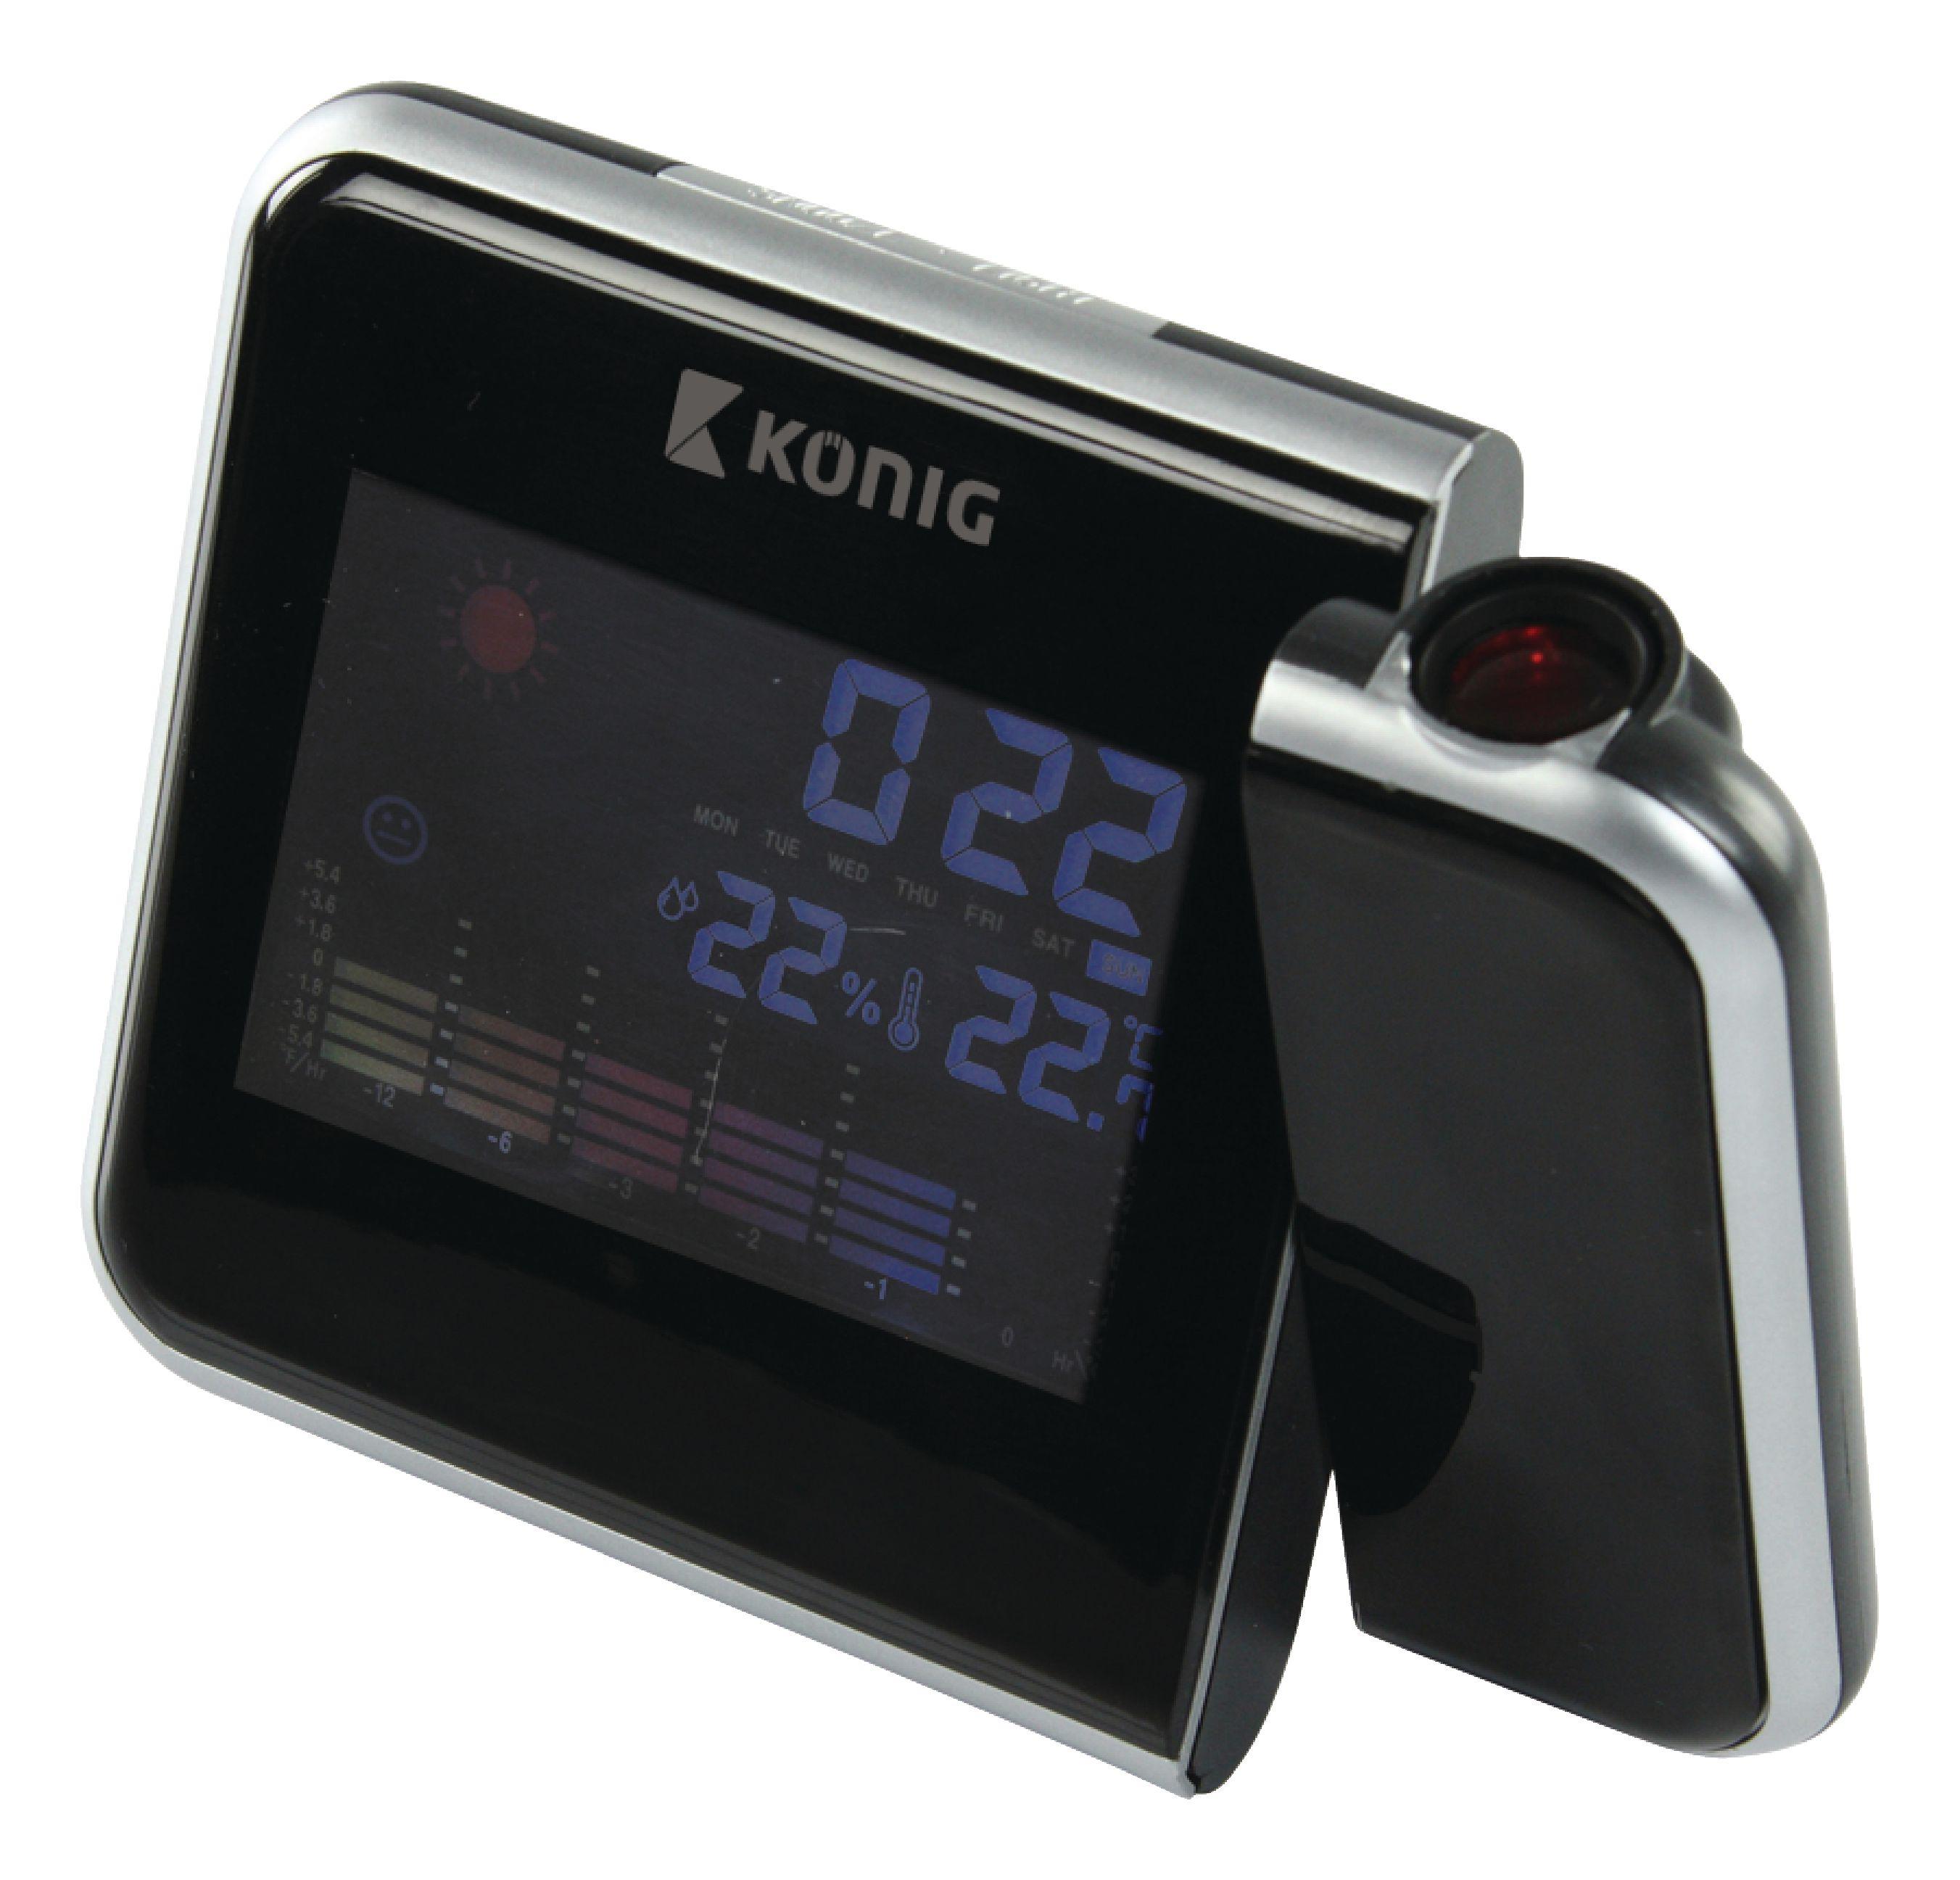 König LCD hodiny s projekcí času a předpovědí počasí König WS103